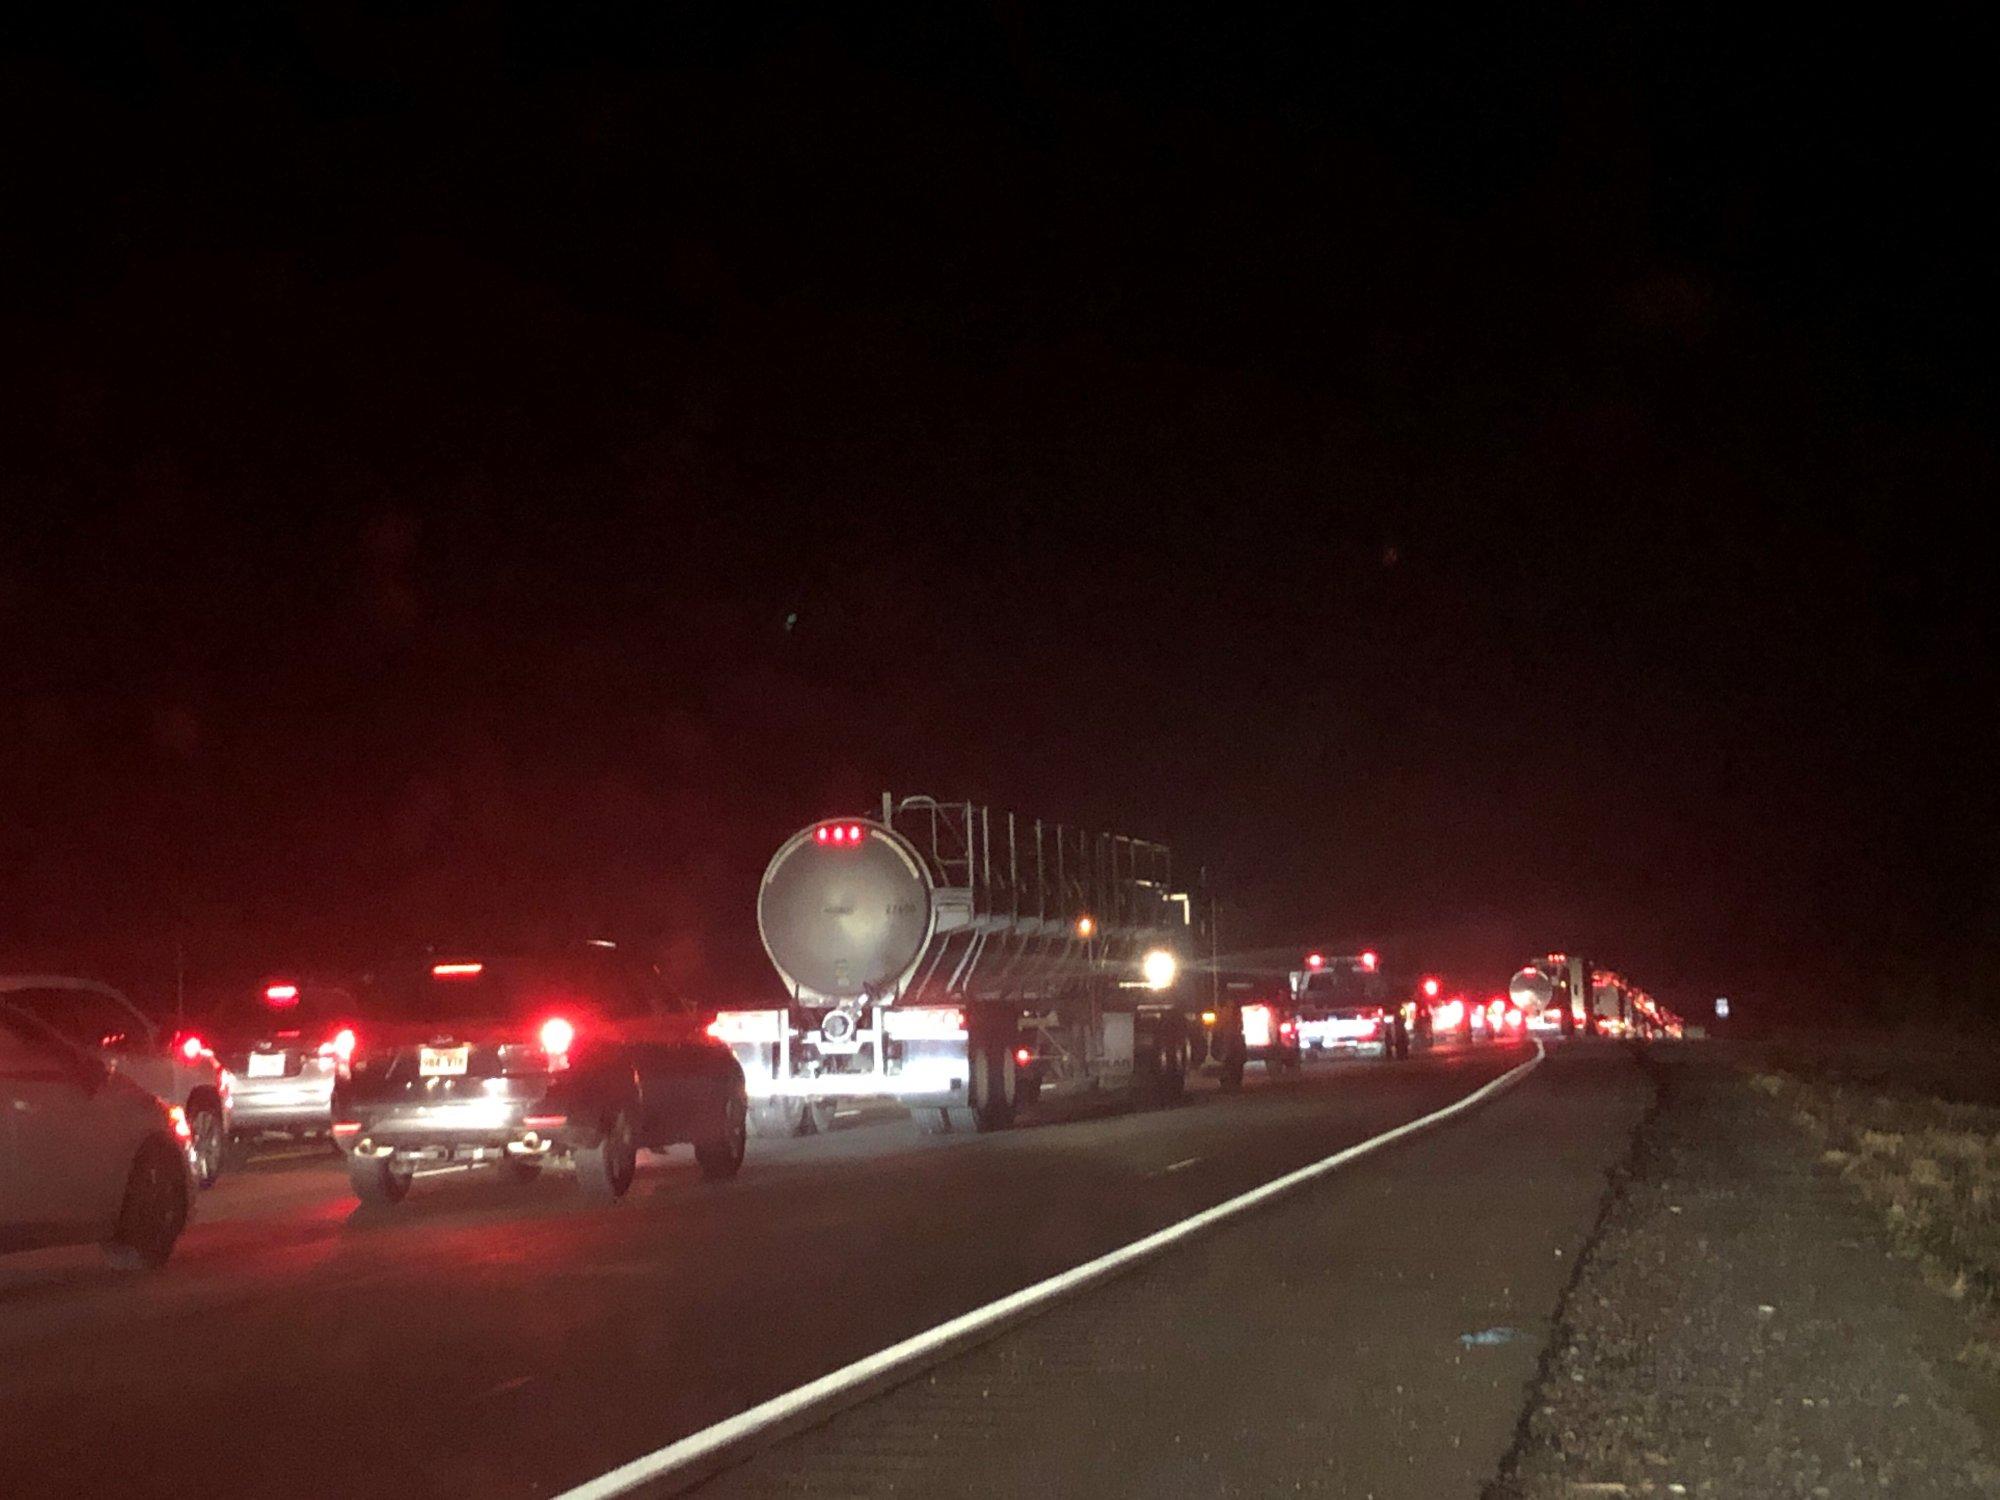 Traffic stopped on Interstate 49 near West Fork. (KFSM/Jordan Tidwell)